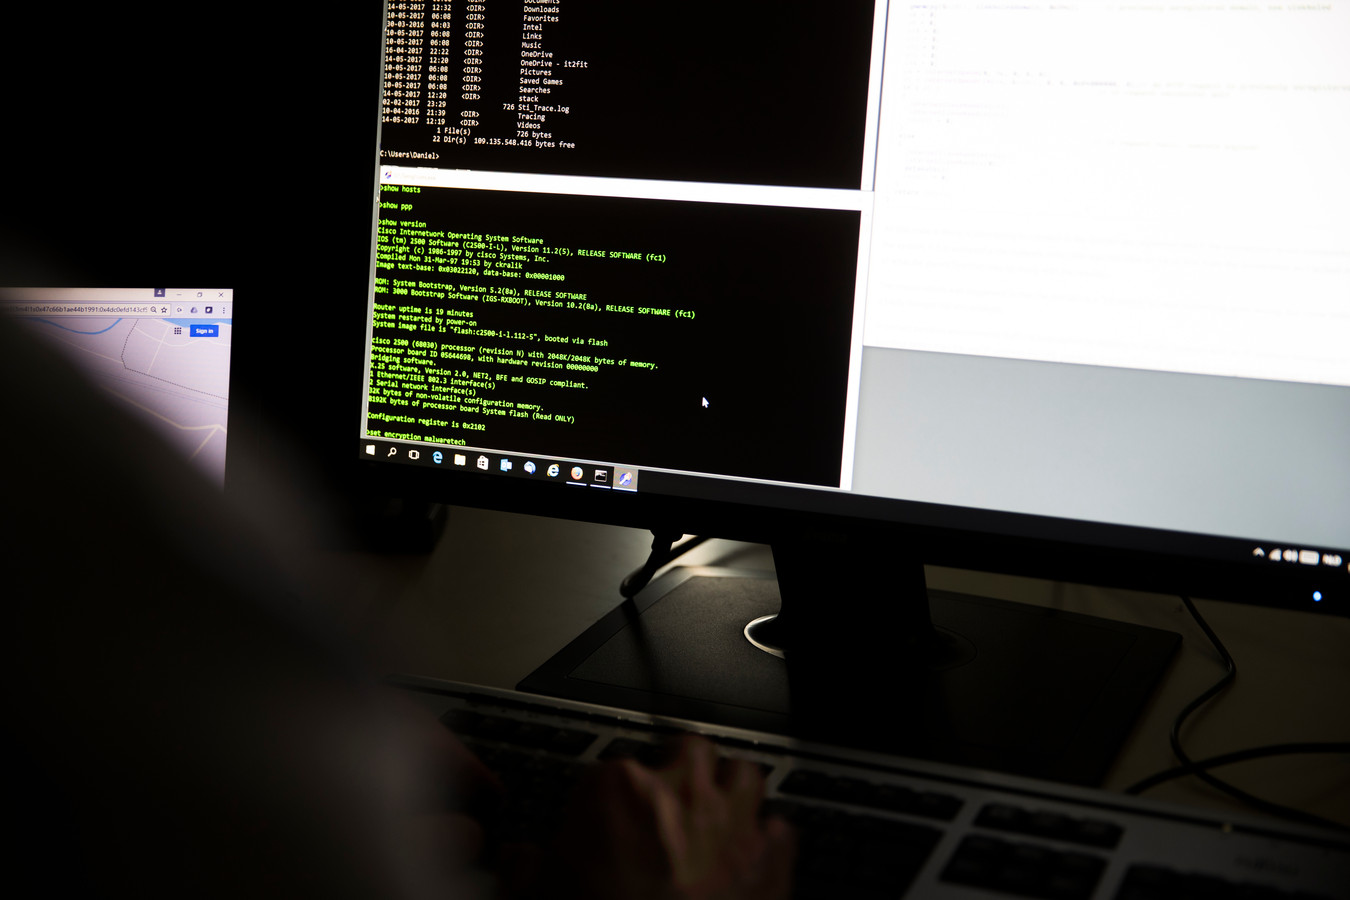 Veiligheidsdiensten, Defensie en opsporingsdiensten mogen hacken